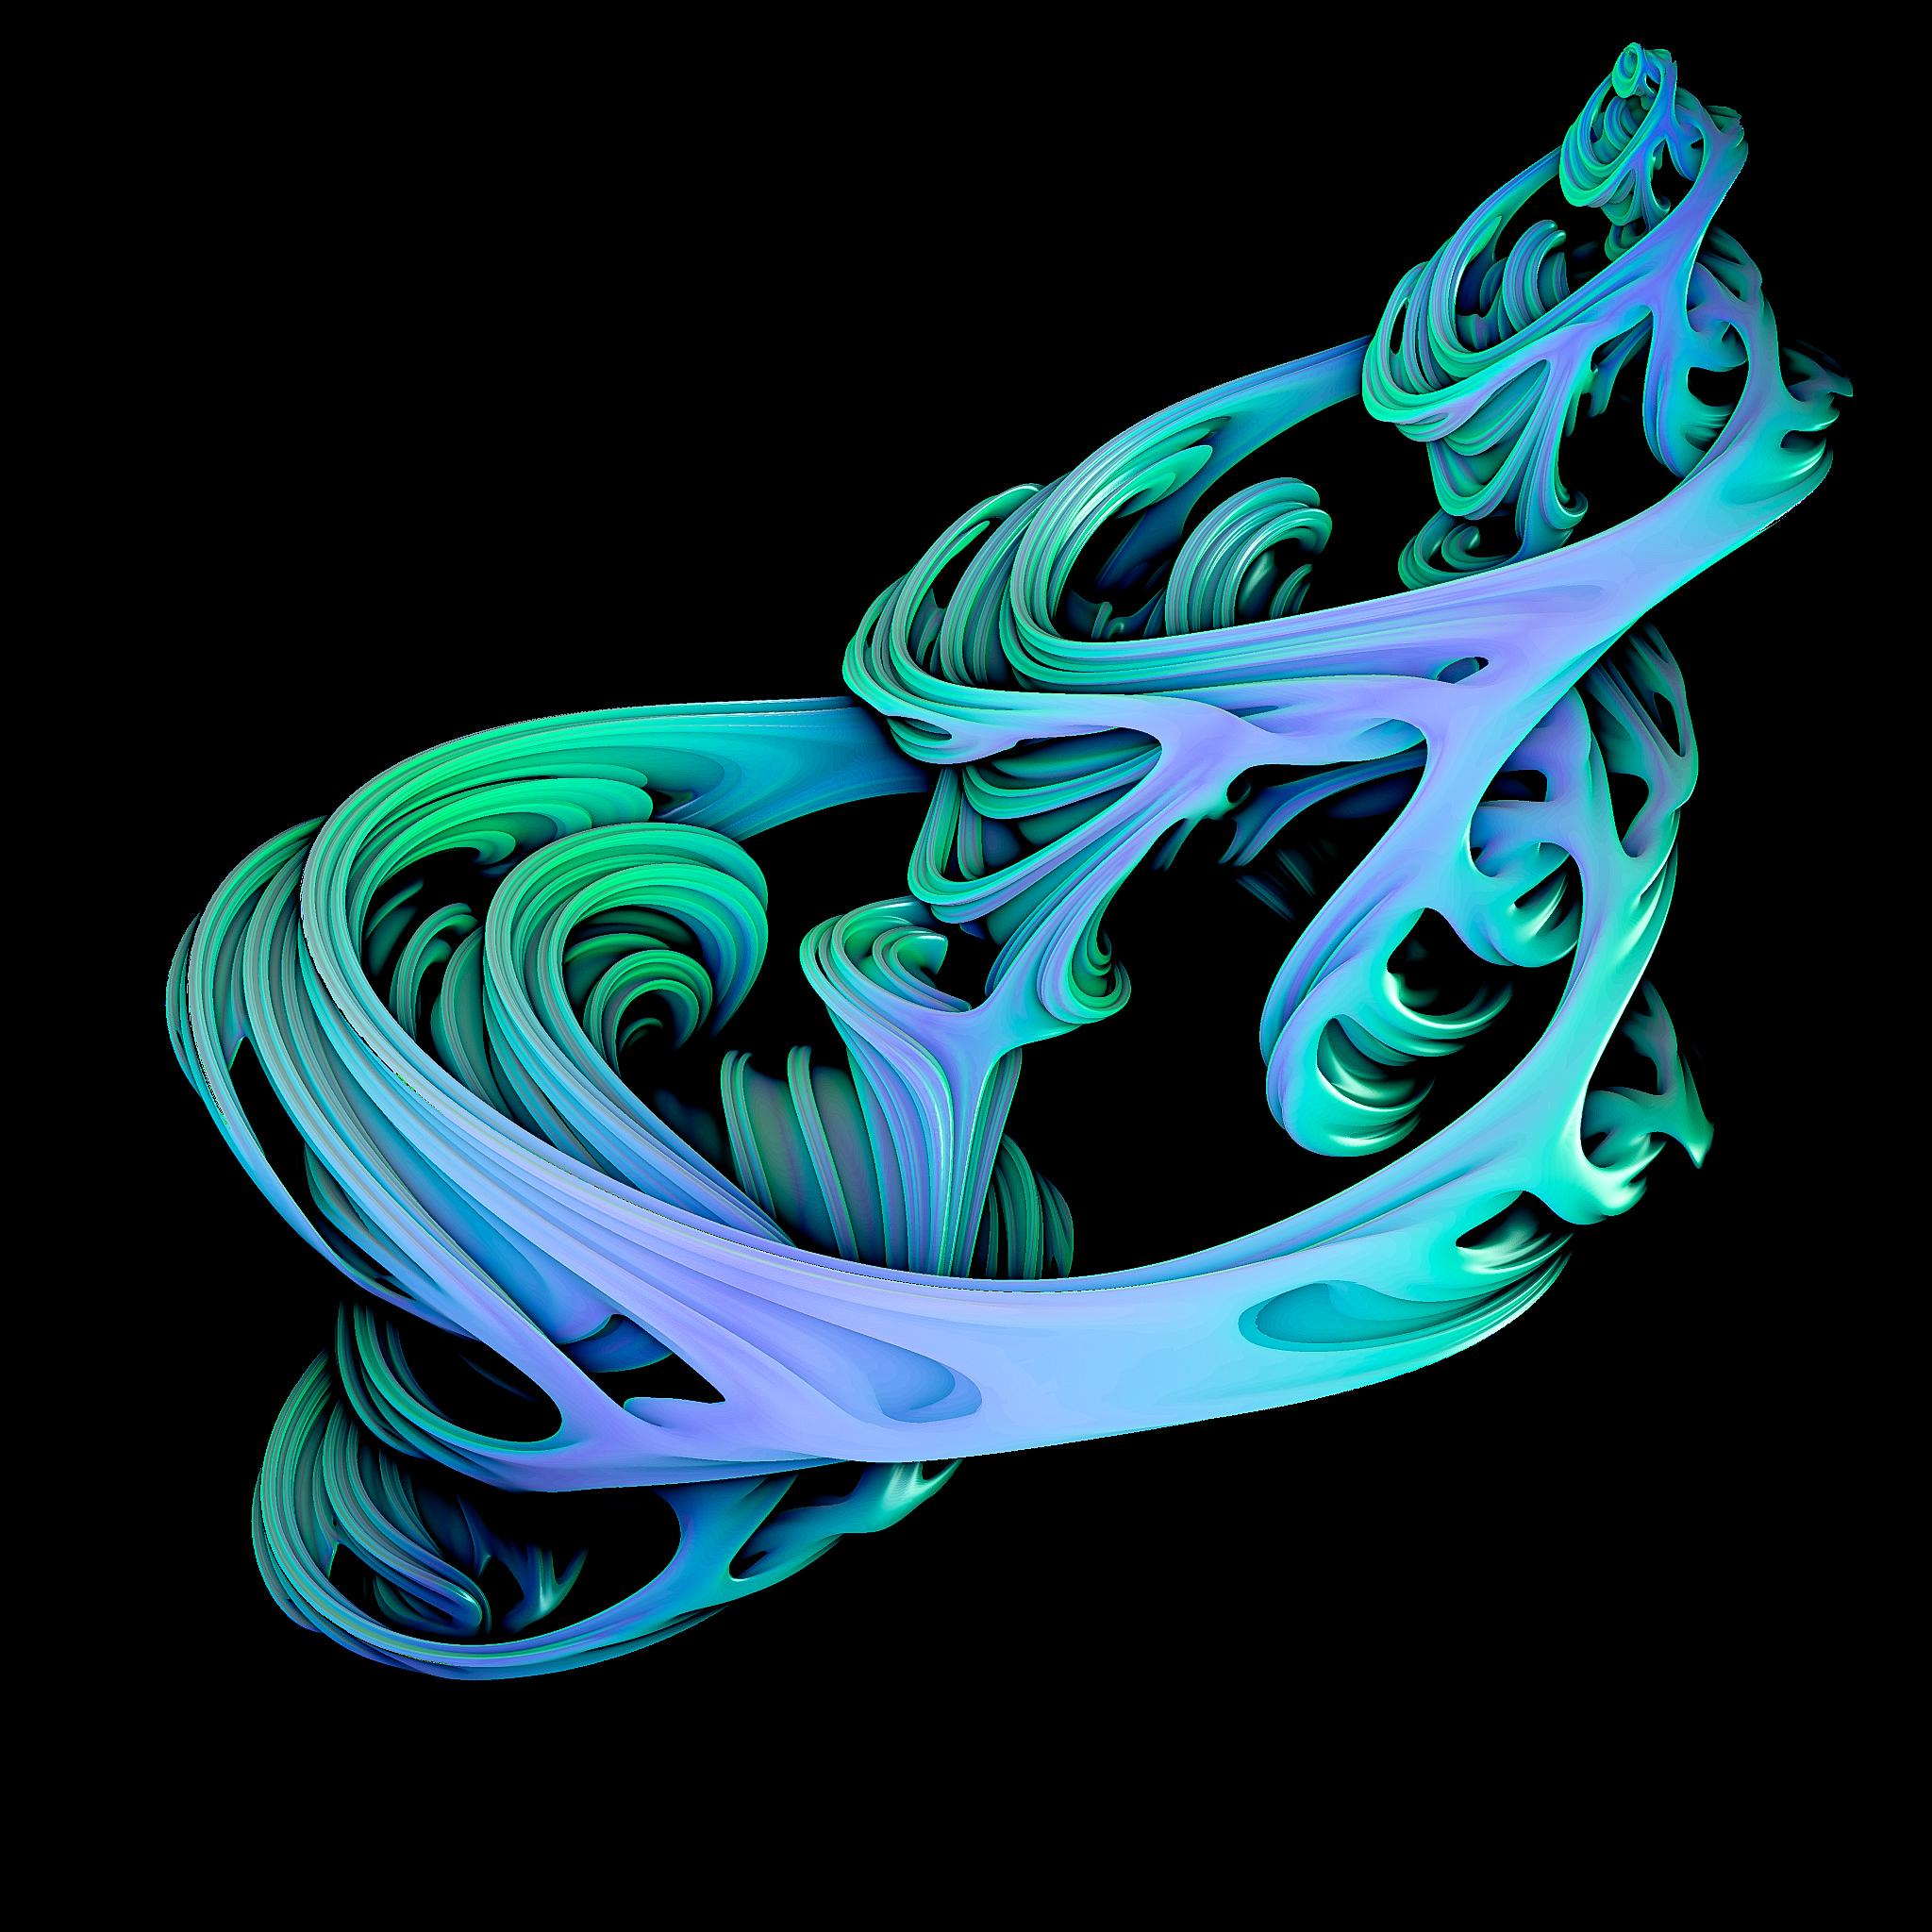 3D Fractals - Andrius Drevinskas personal website